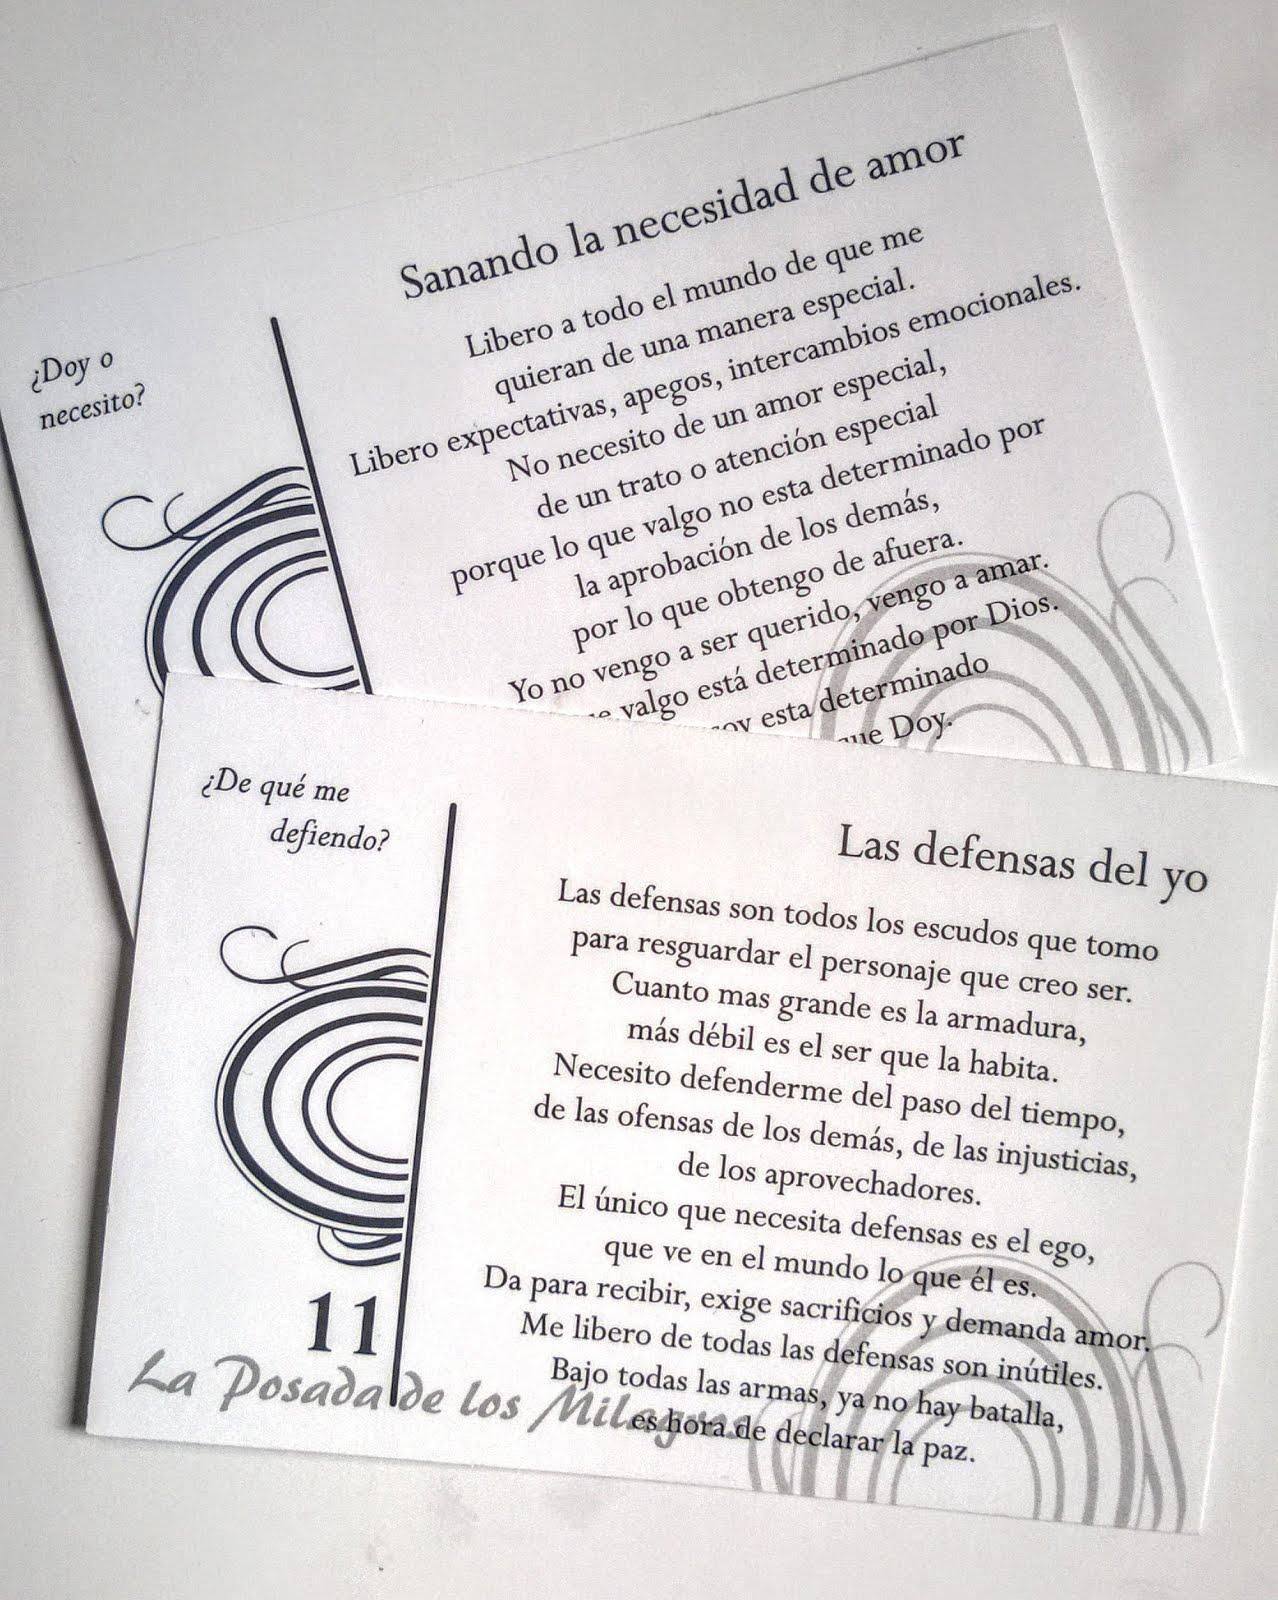 Cartas de La Posada de los Milagros